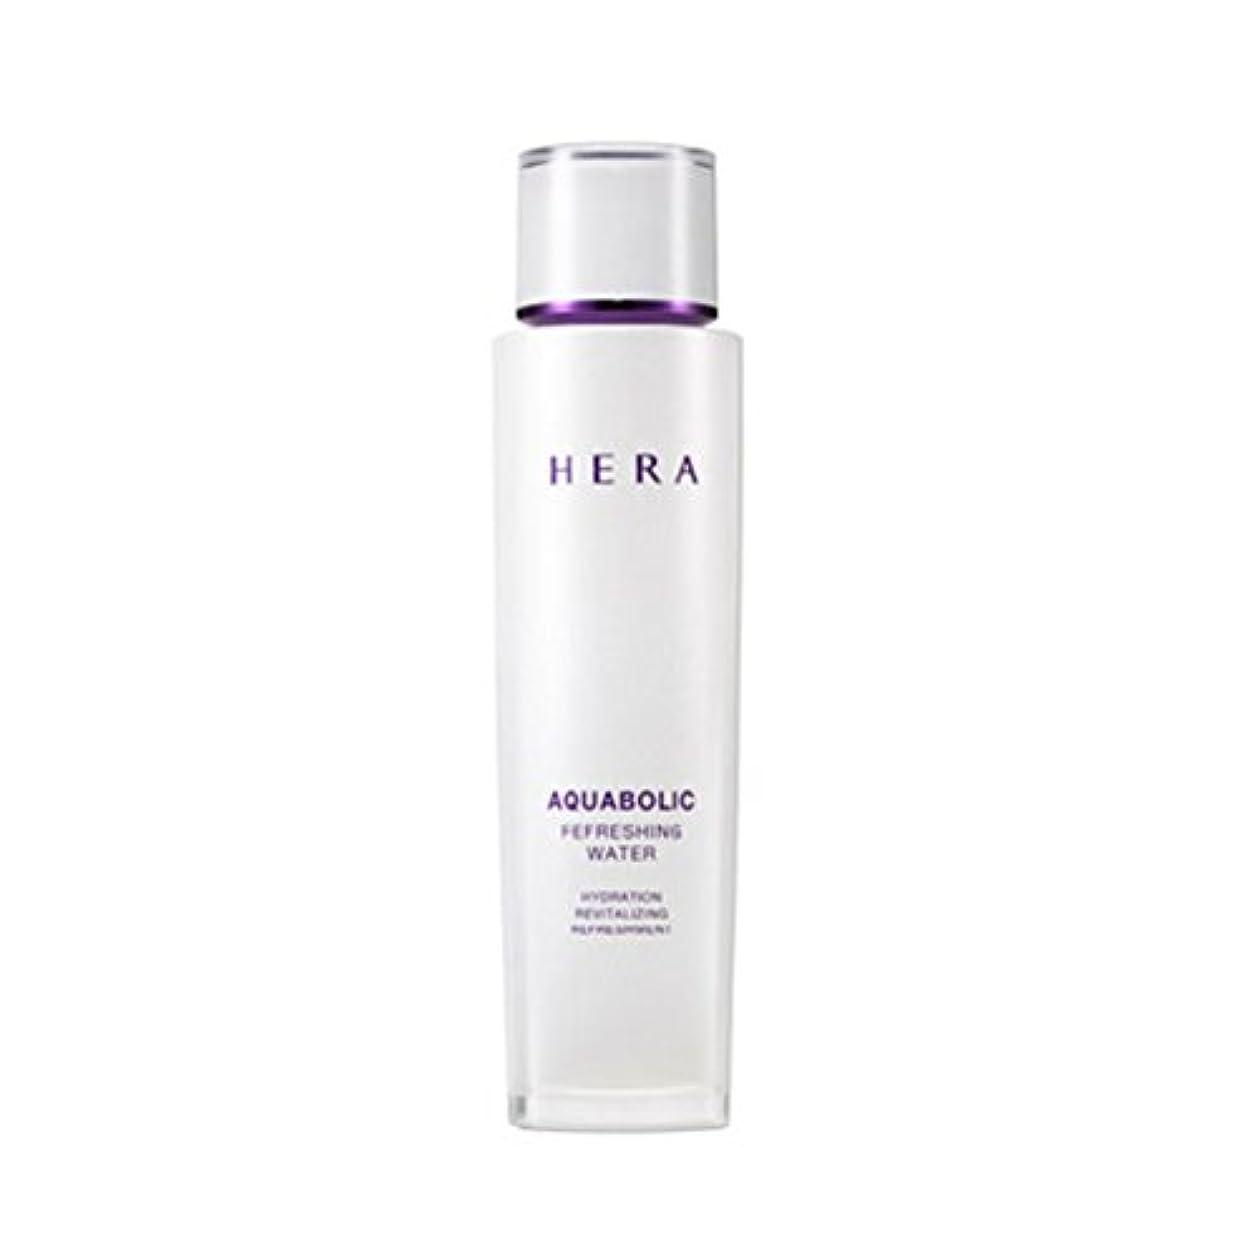 珍しいコイルクモ(ヘラ) HERA アクアボリック リフレッシングウォーター (化粧水) 150ml / Aquabolic Refreshing Water 150ml (韓国直発送)